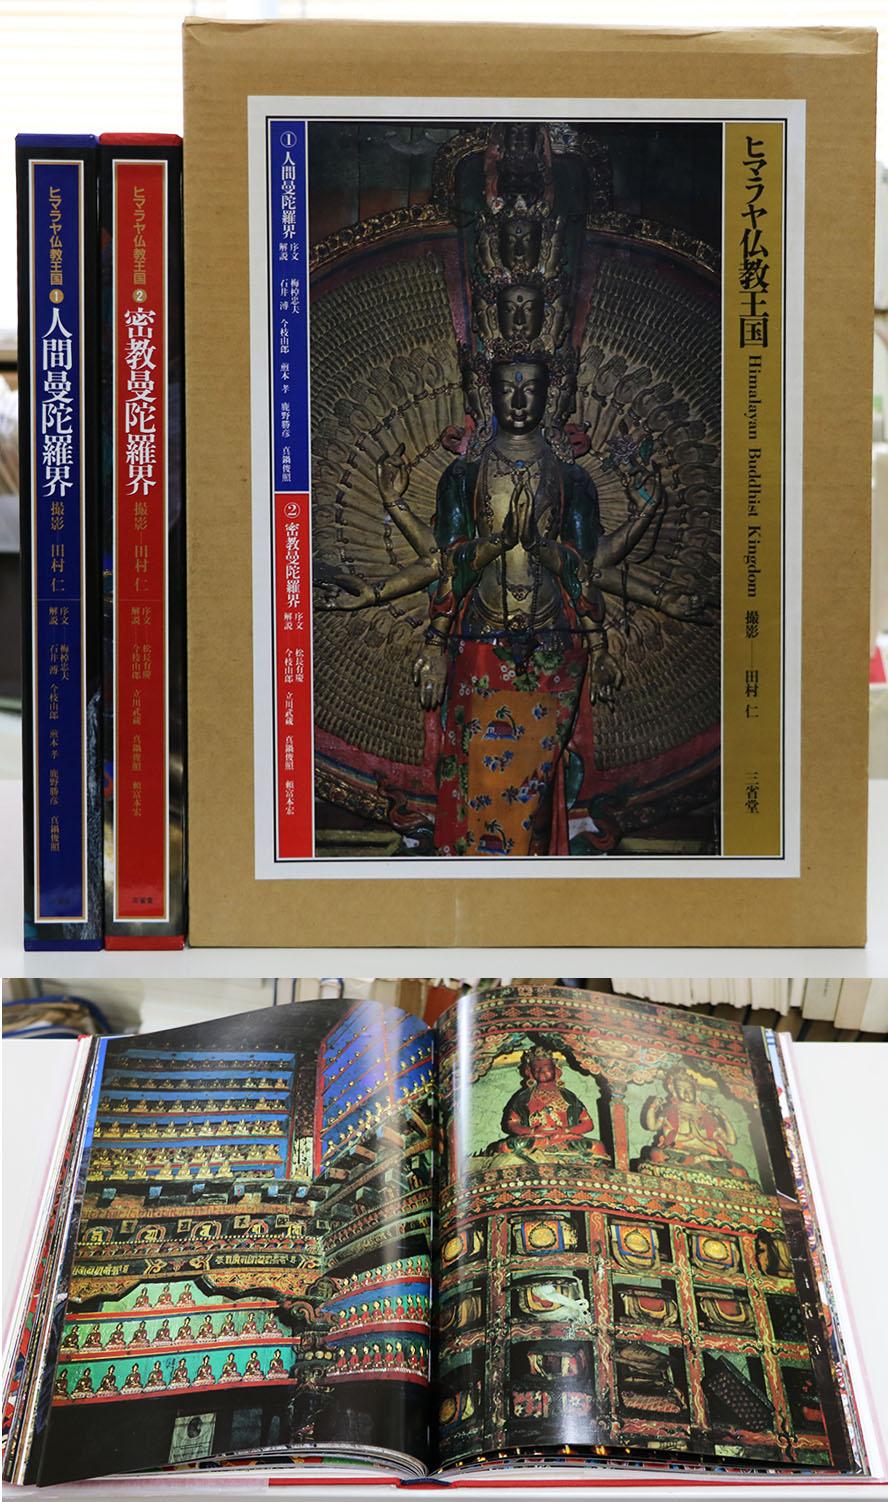 ヒマラヤ仏教王国 1人間曼陀羅界・2密教曼陀羅界